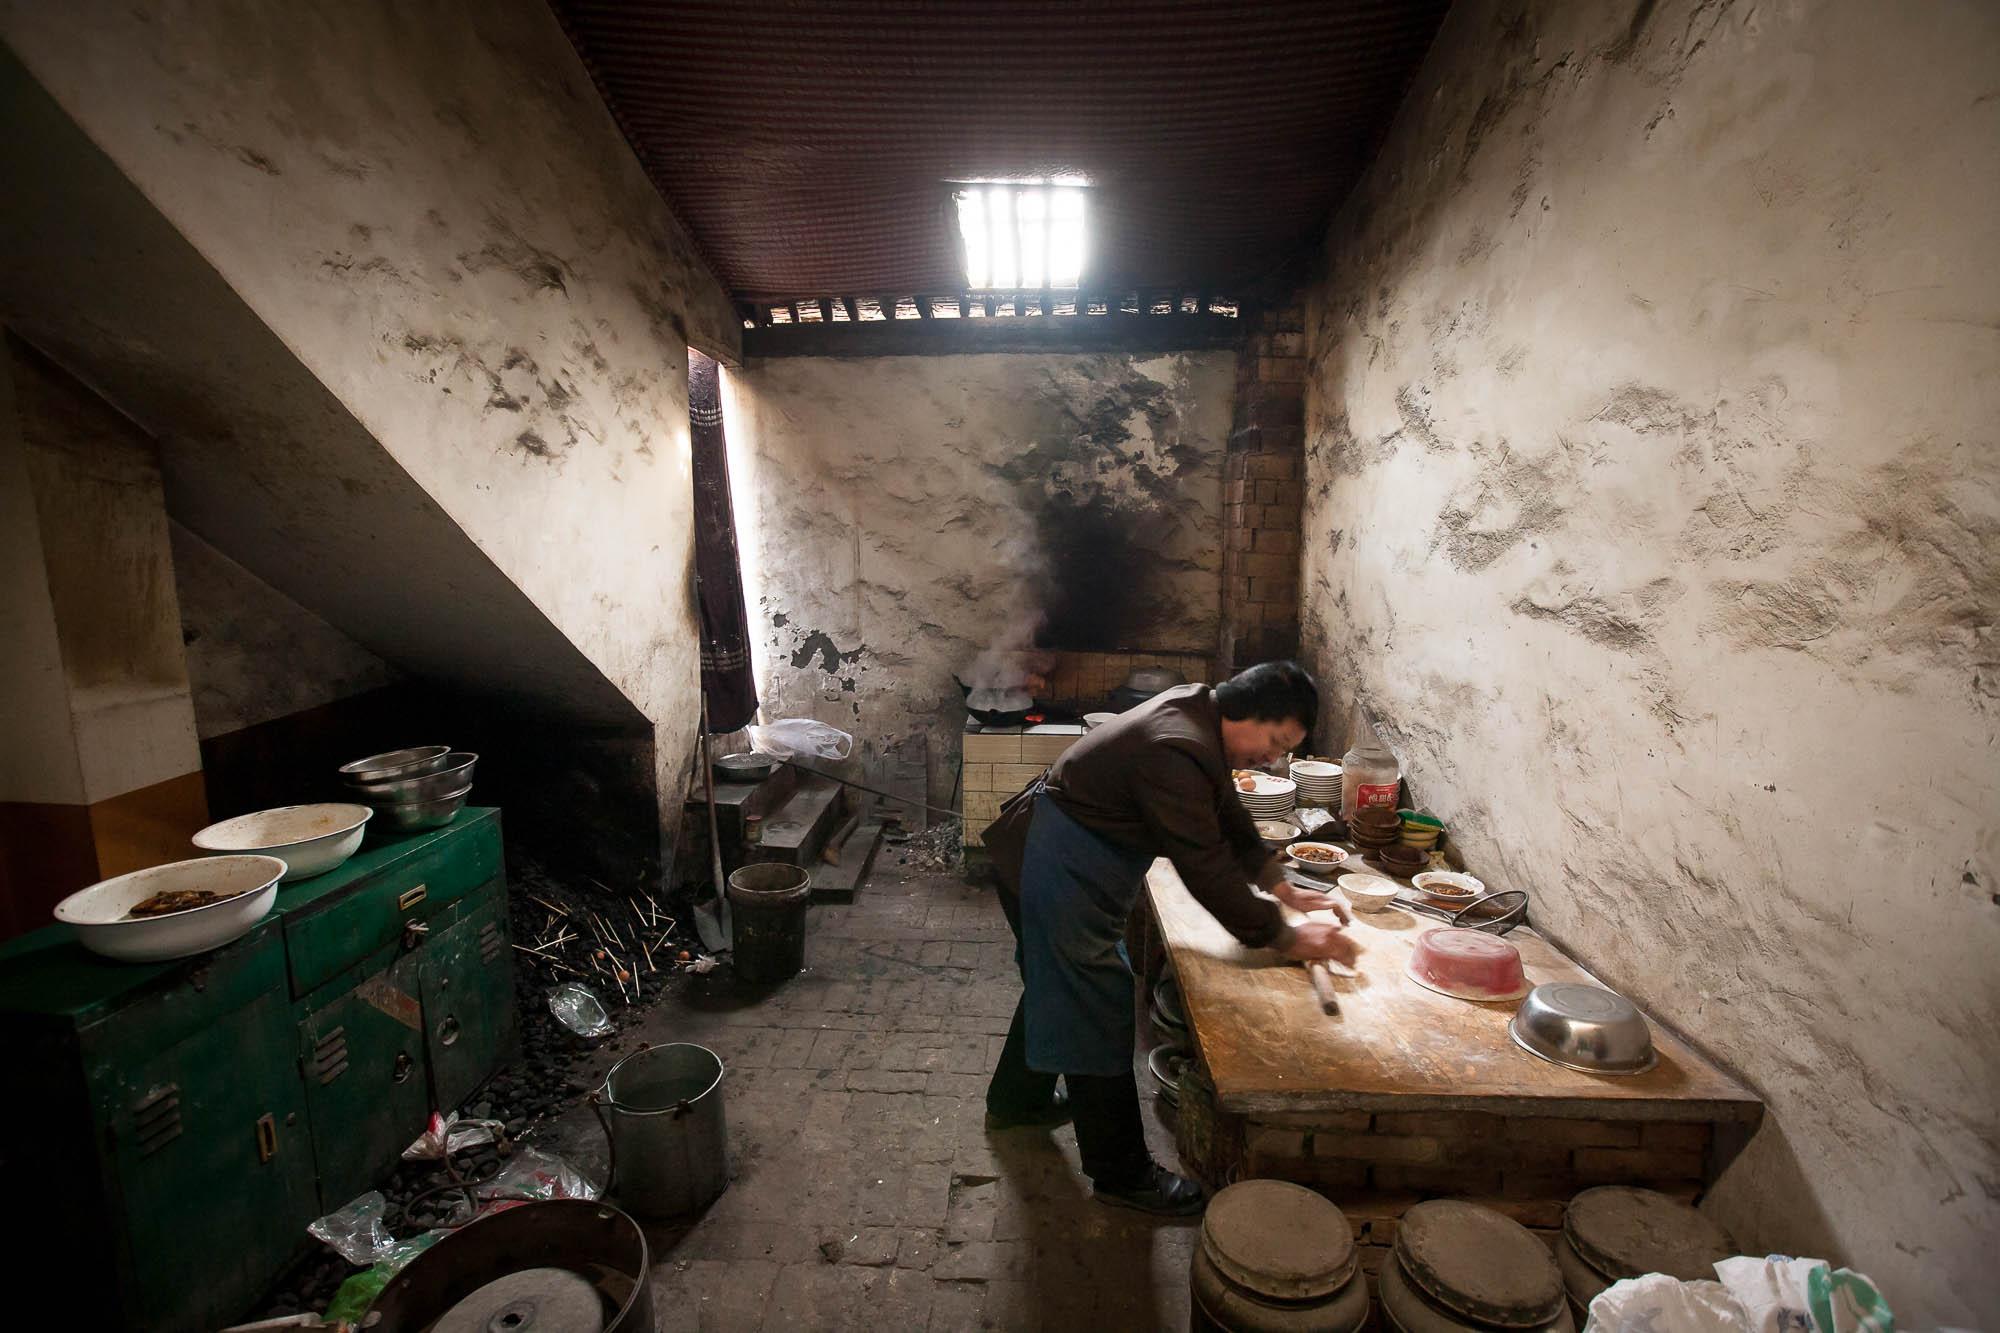 restaurant kitchen in Shanxi